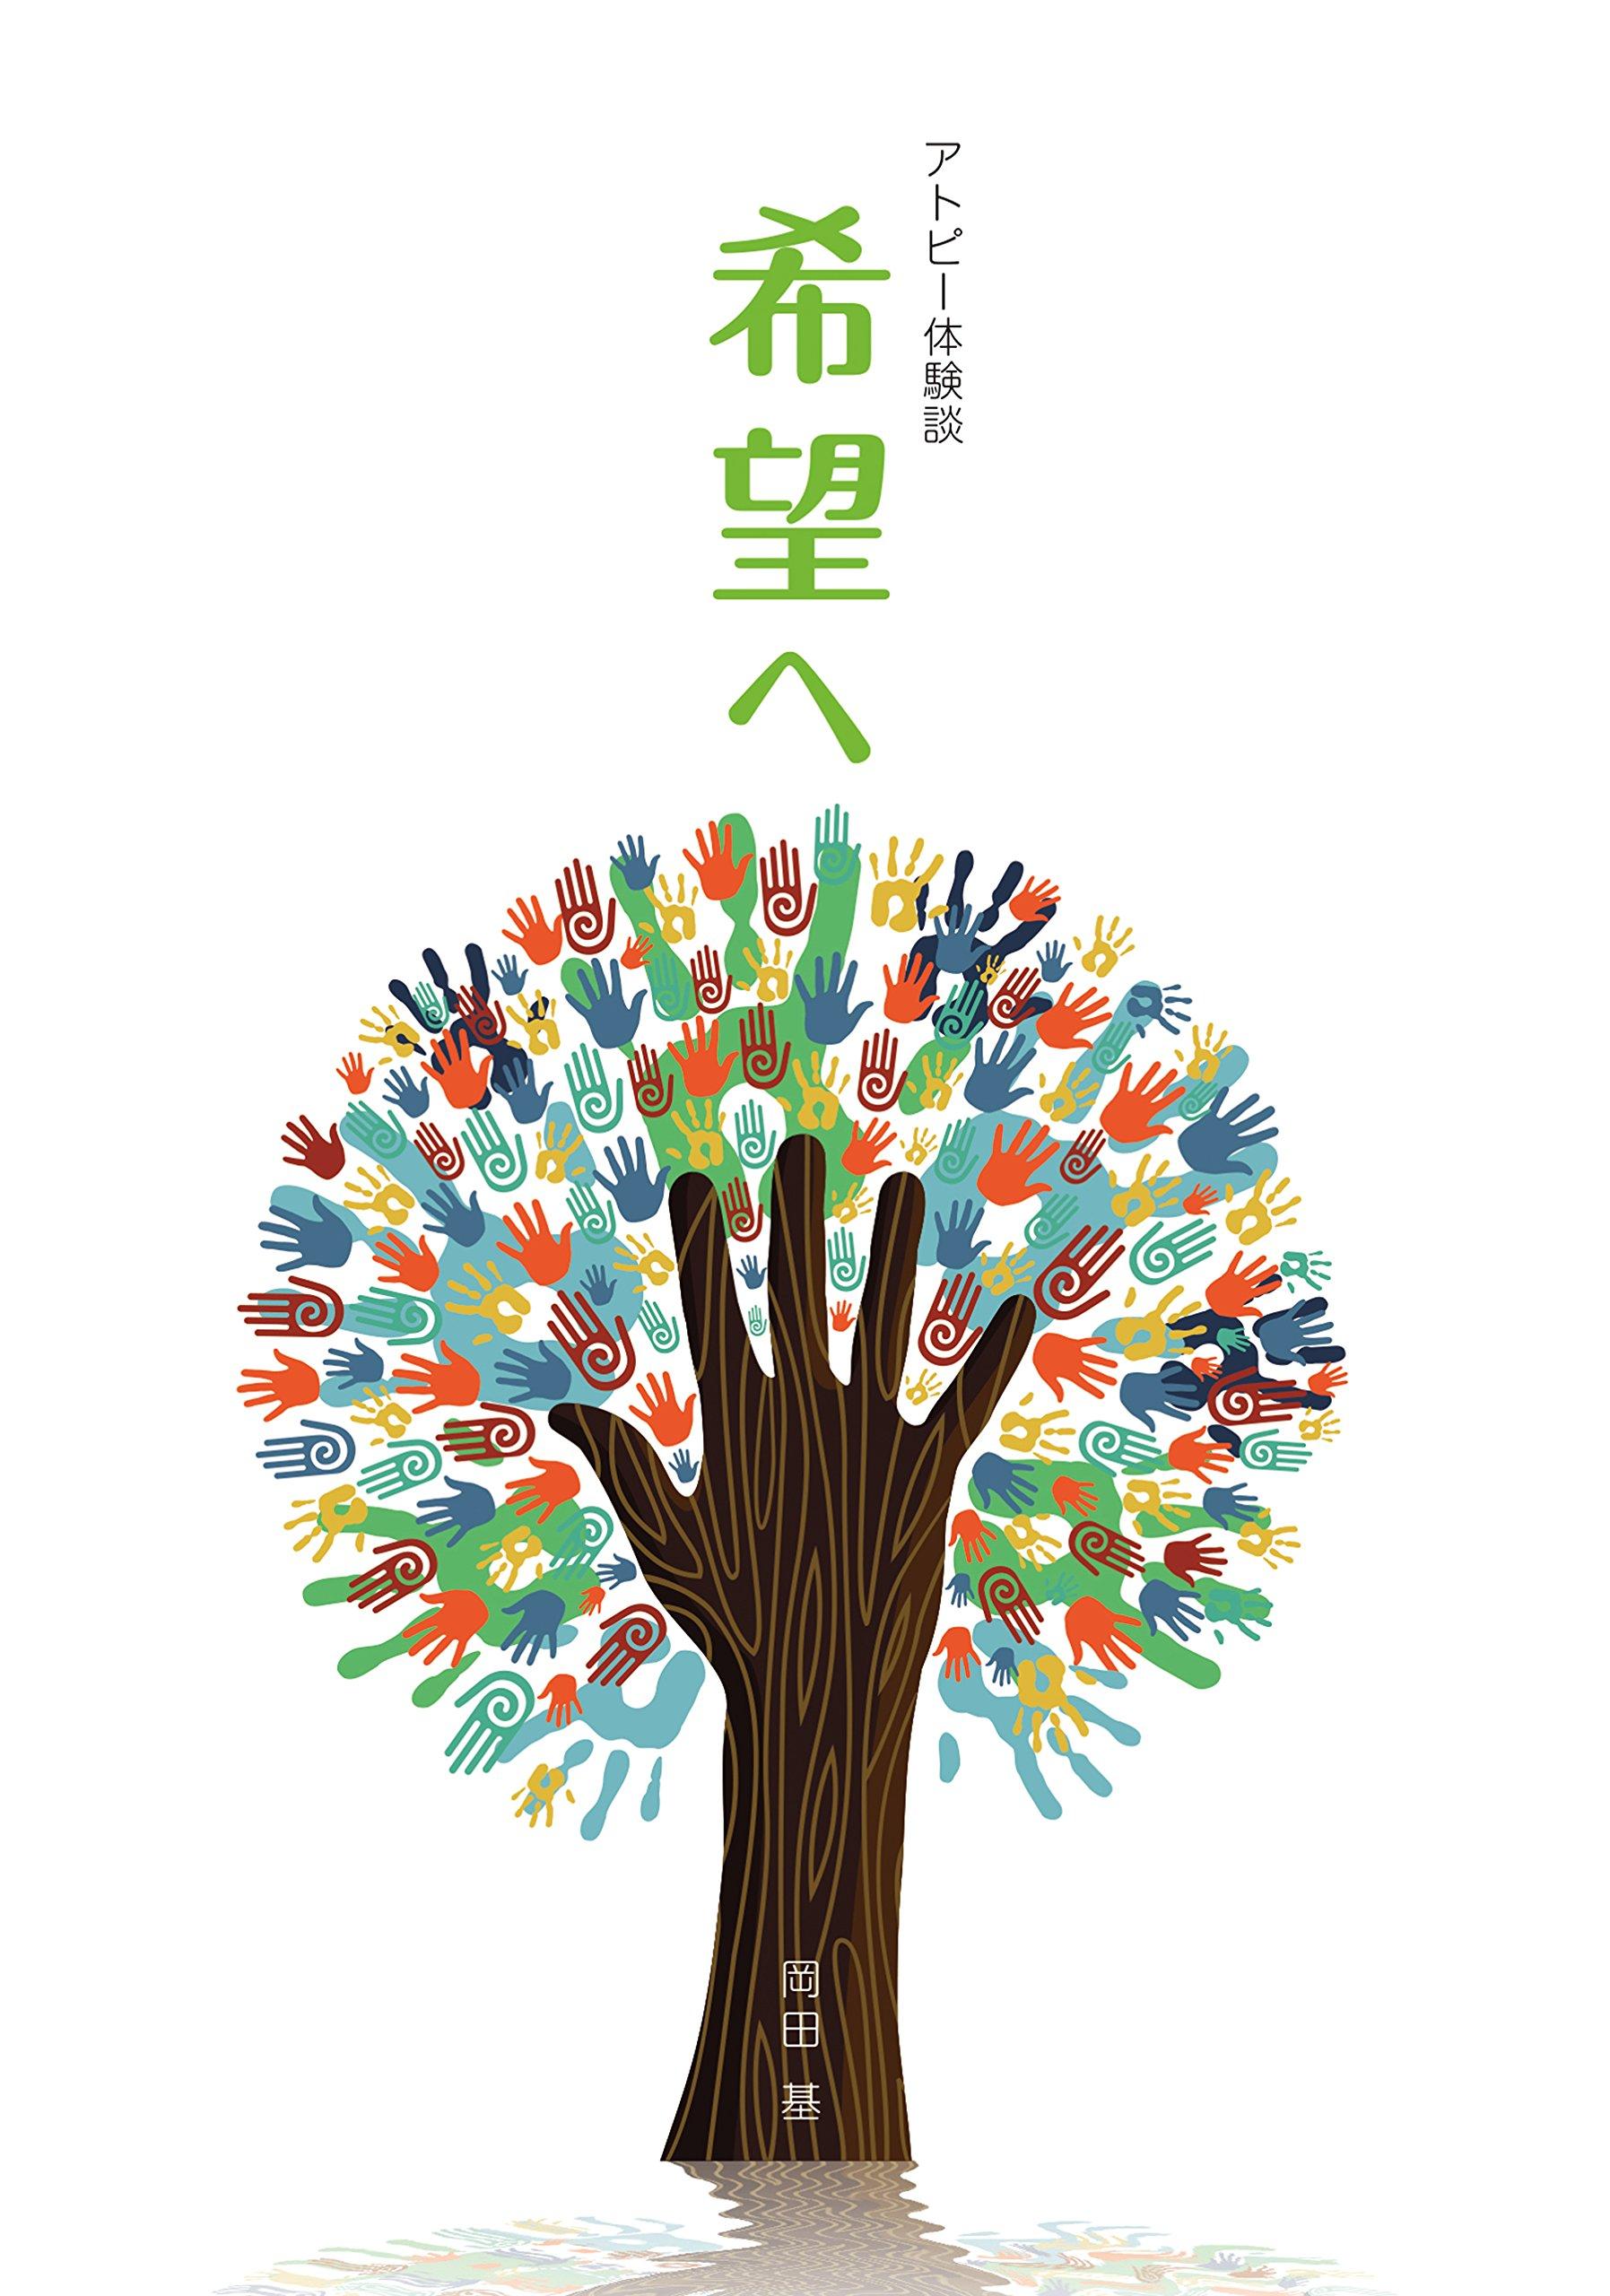 岡田基『アトピー体験談 希望へ』